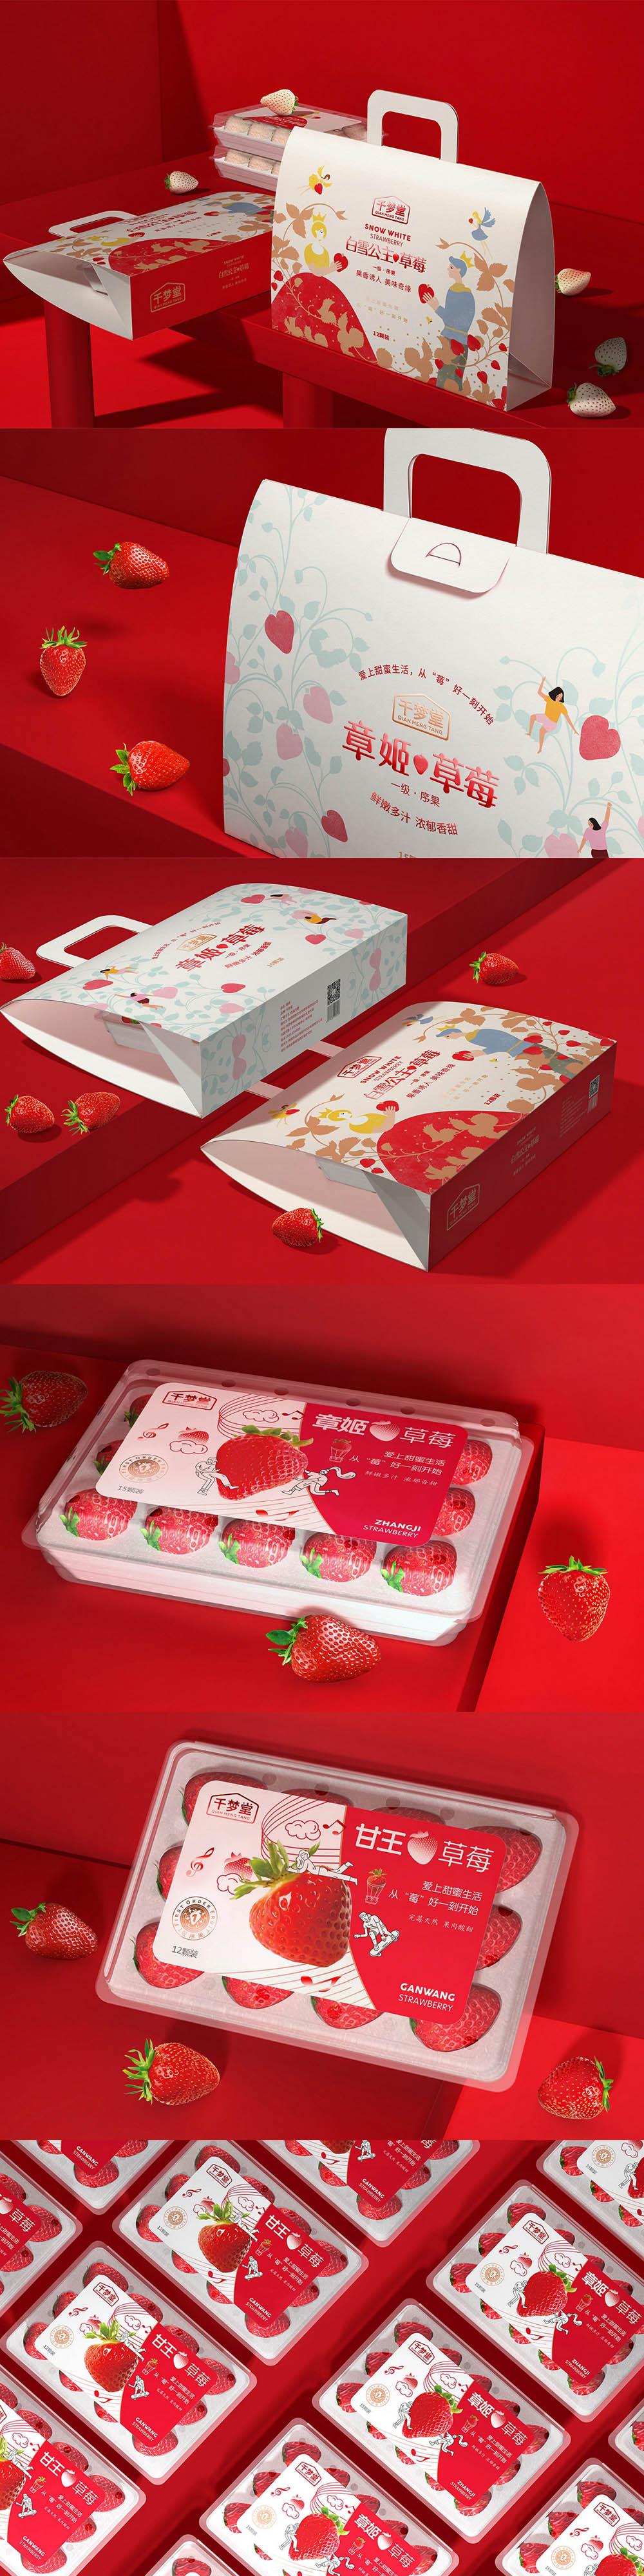 礼盒装草莓包装-详情页.jpg